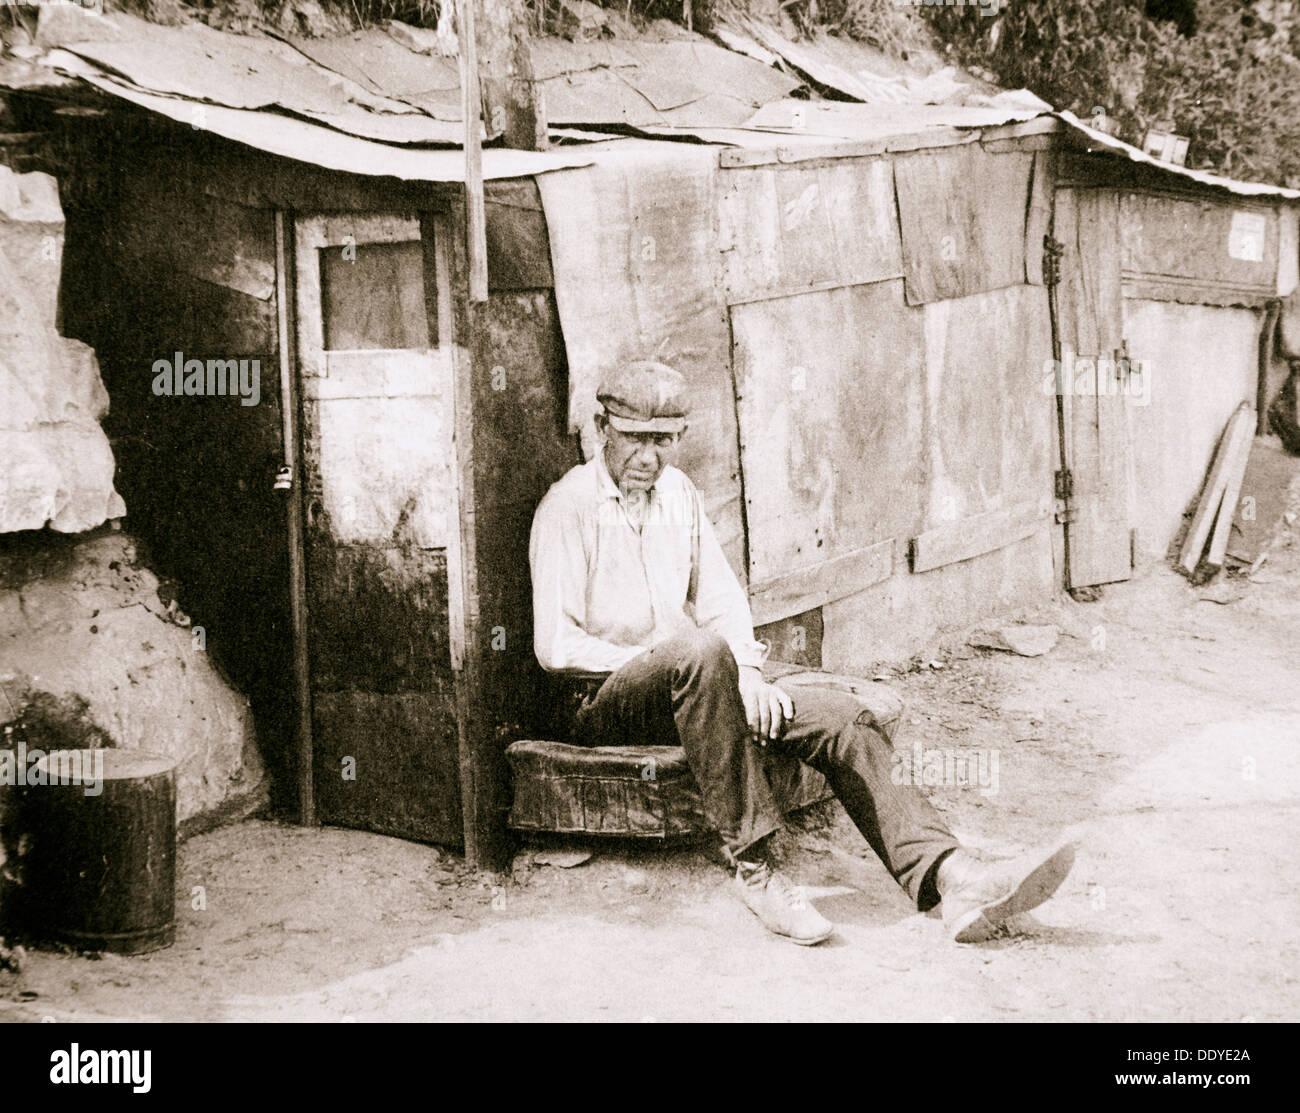 Baracca fatta di barili e carta di catrame, St Louis, Missouri, Stati Uniti d'America, Grande Depressione, 1931. Artista: sconosciuto Immagini Stock